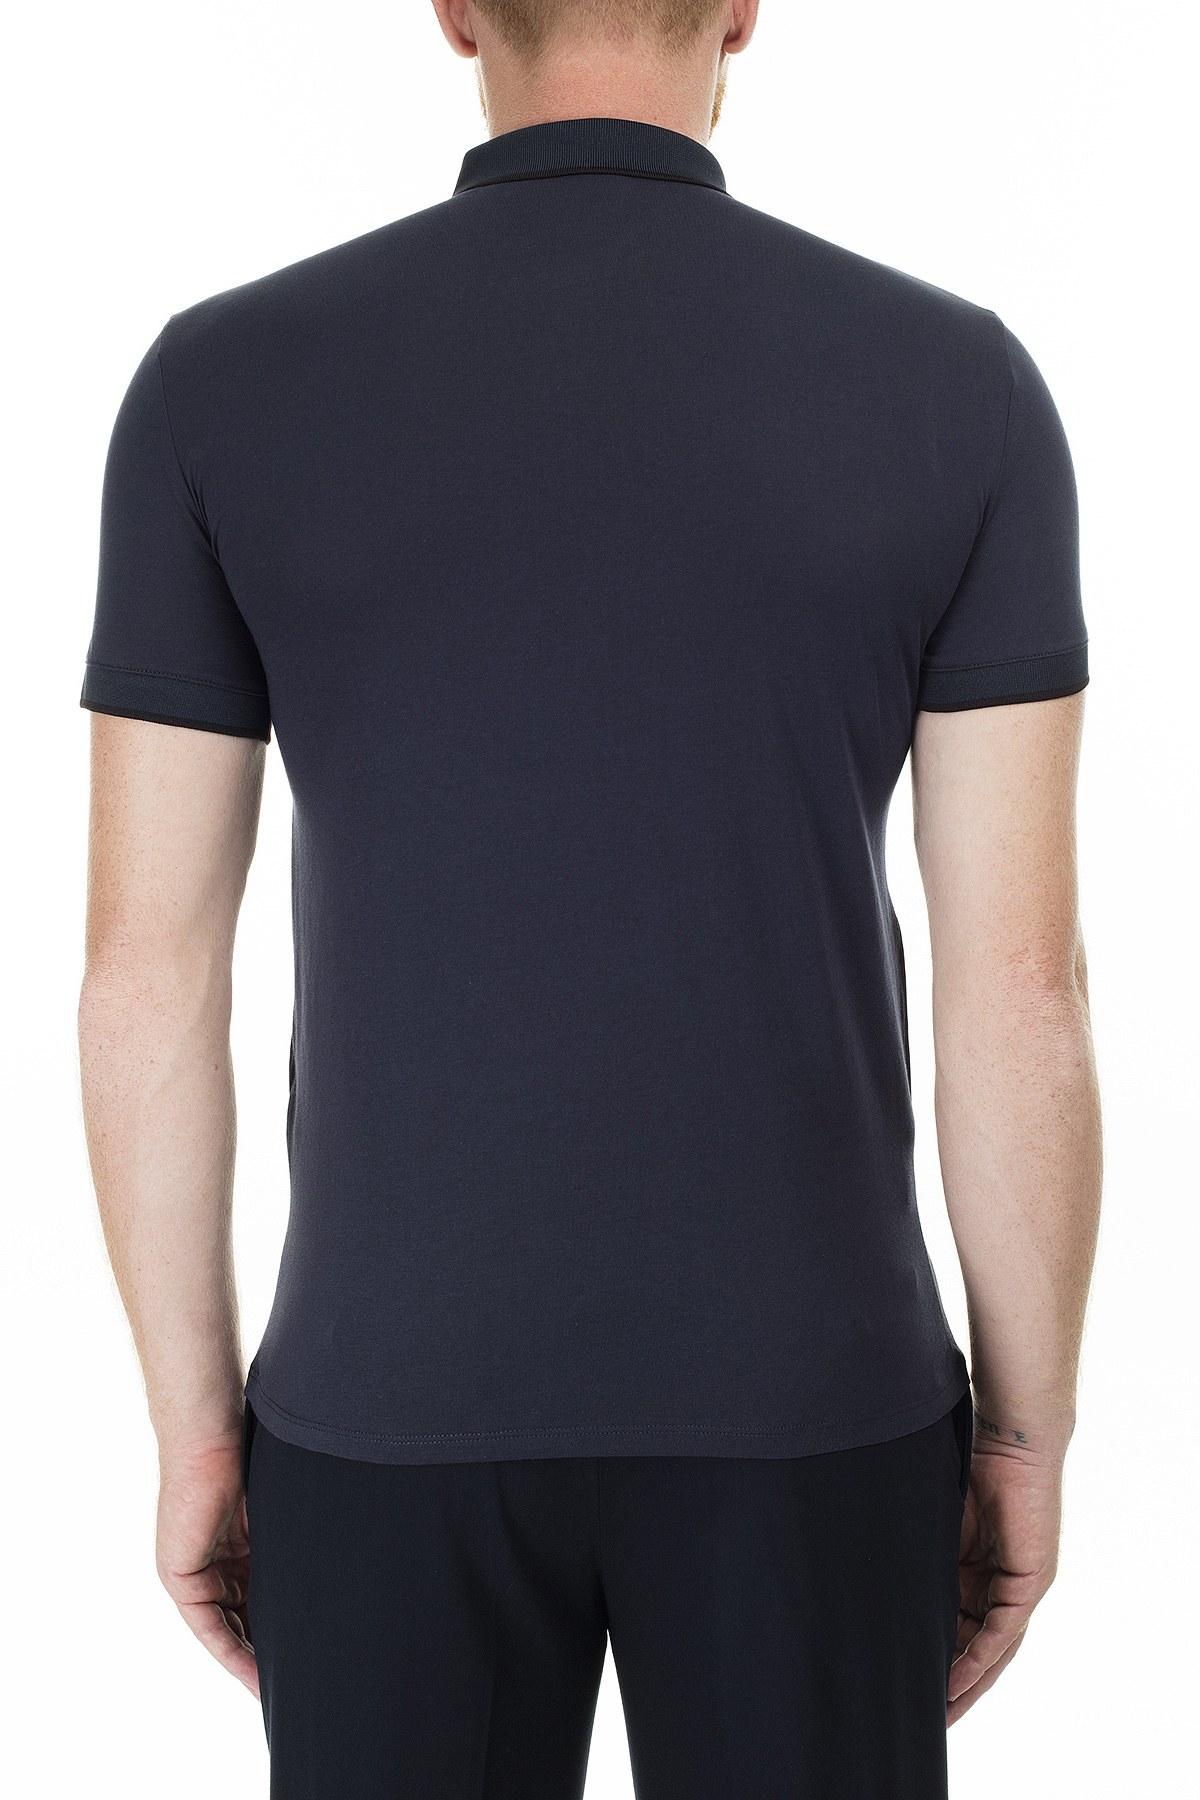 Armani Exchange Slim Fit Baskılı T Shirt Erkek Polo 3HZFFB ZJH4Z 8579 LACİVERT